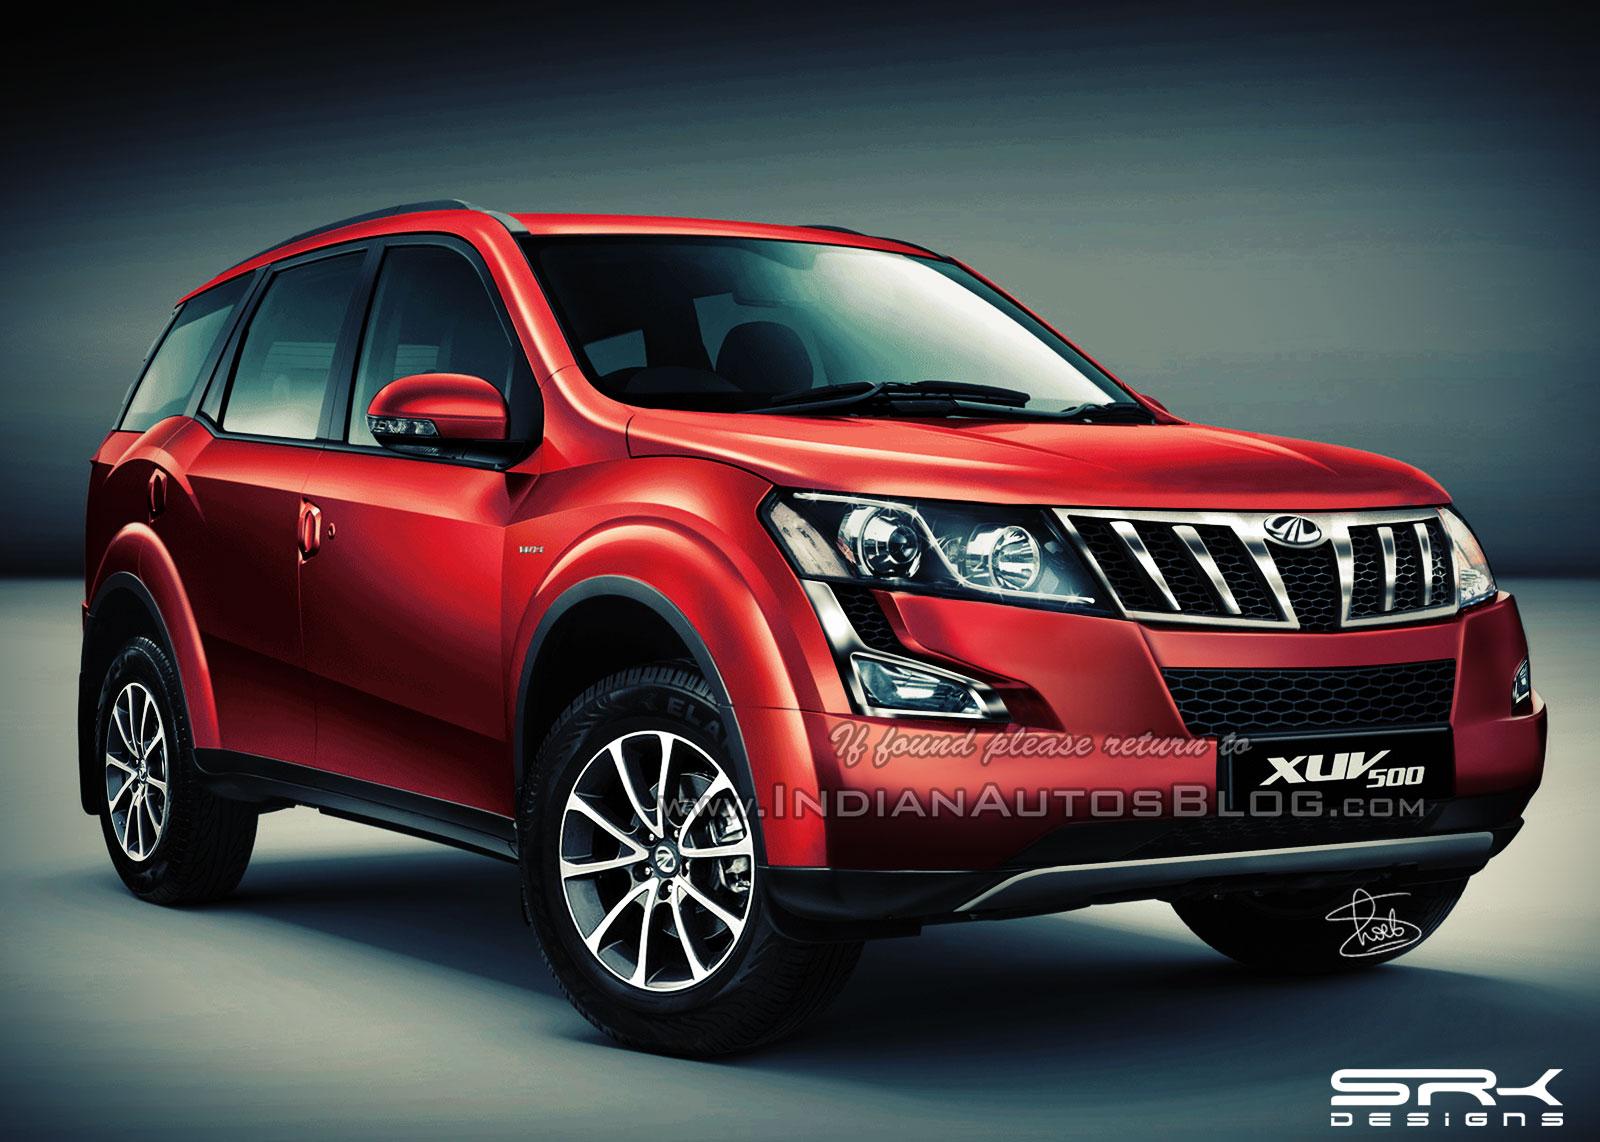 2015 Mahindra XUV500 facelift IAB rendering